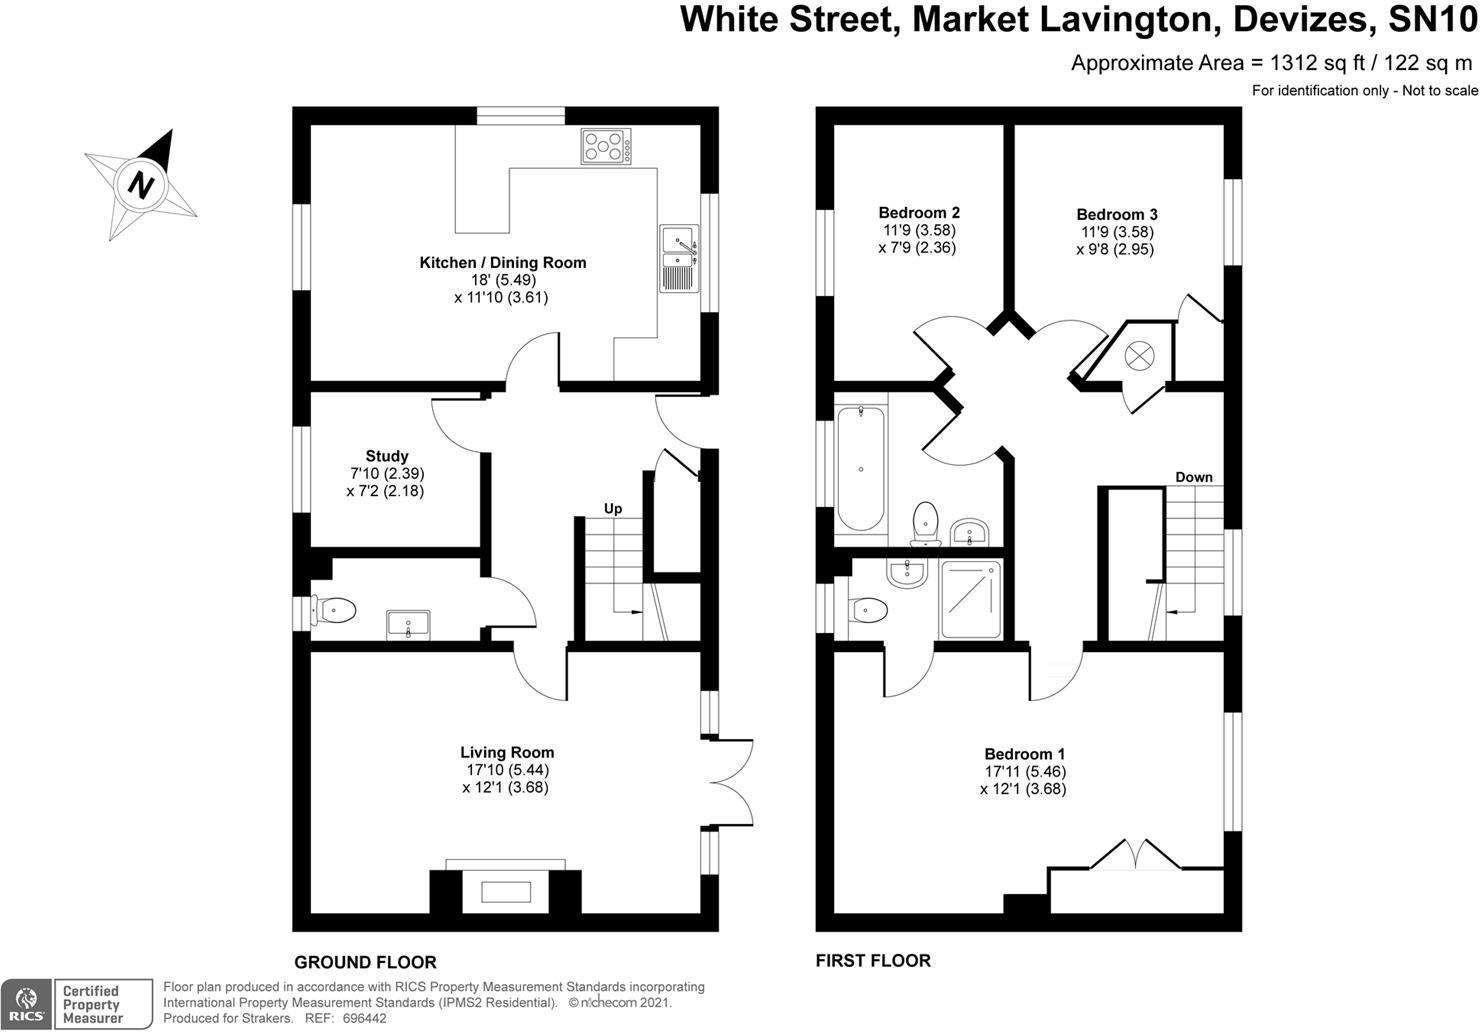 White Street Market Lavington